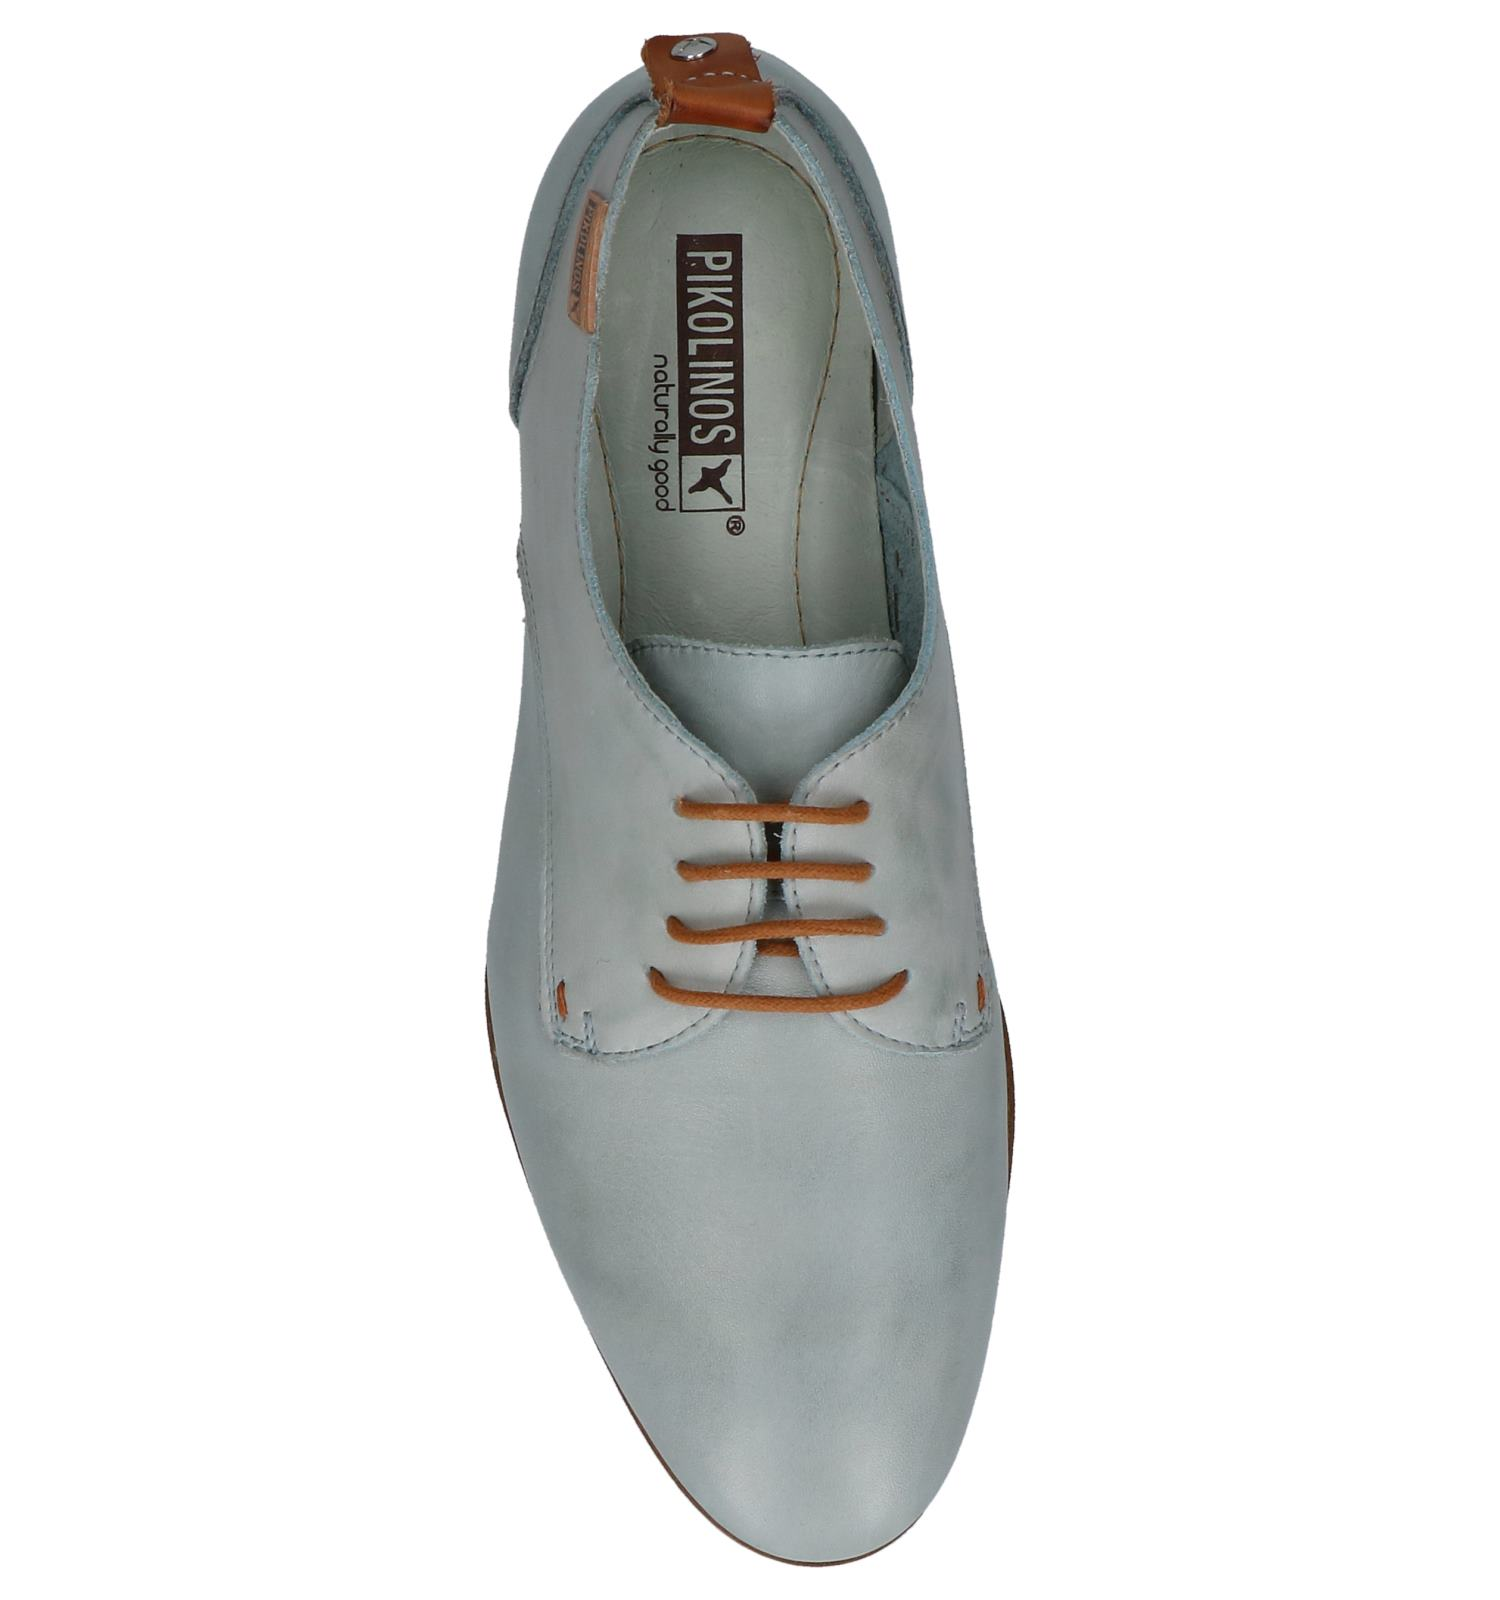 2797ae139ce30d Pikolinos Chaussures à lacets (Bleu pastel) | TORFS.BE | Livraison et  retour gratuits